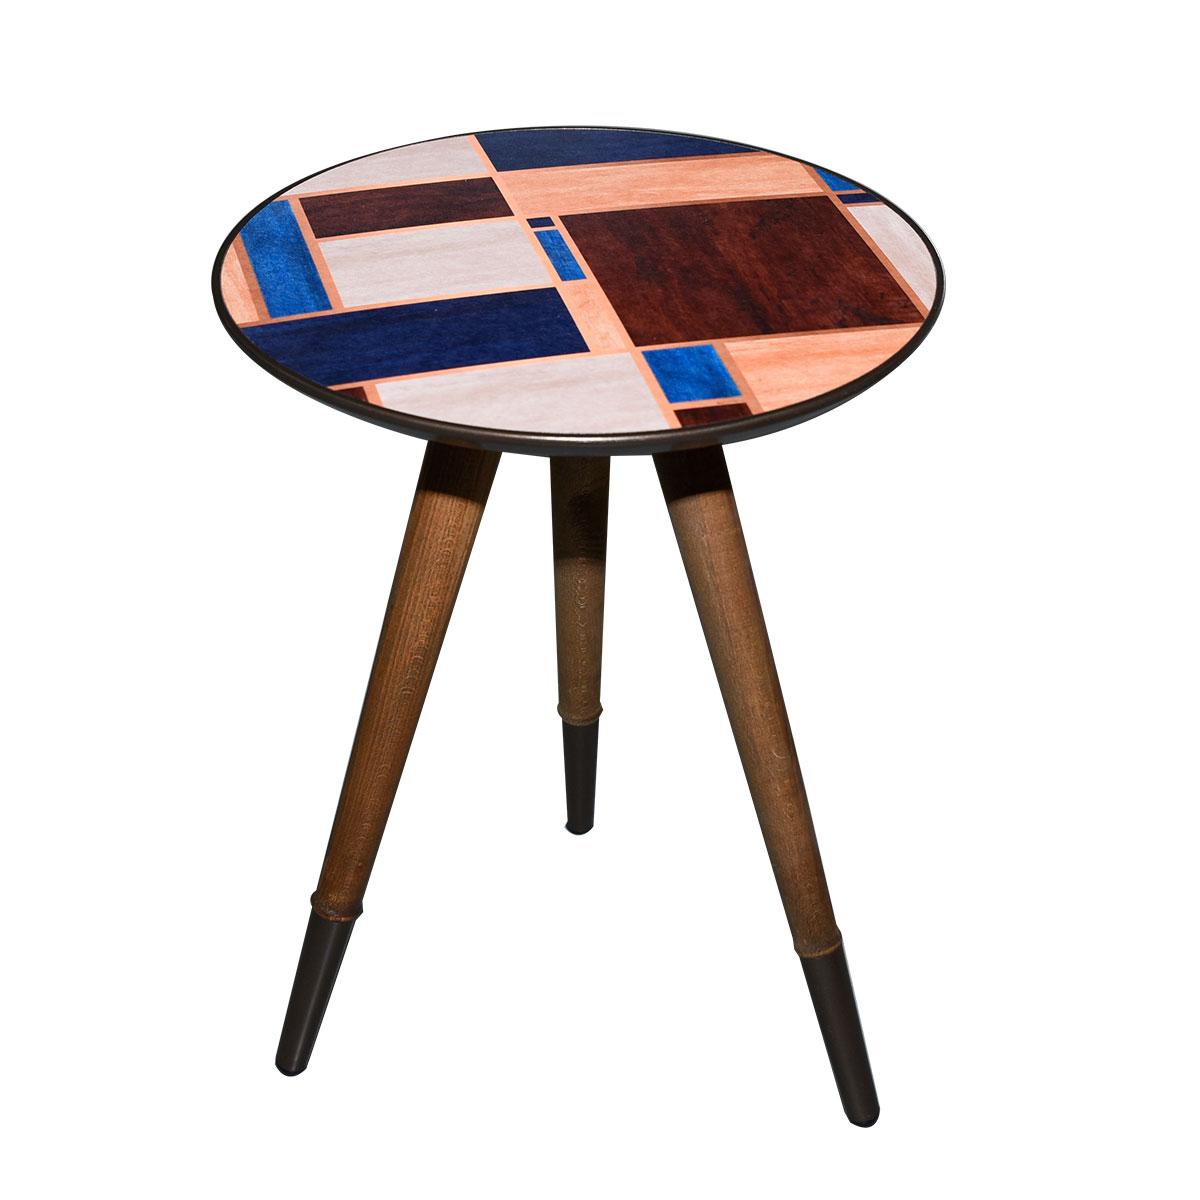 طاولة تقديم وخدمة خشب دائرية - تركي برسم متعدد الوان